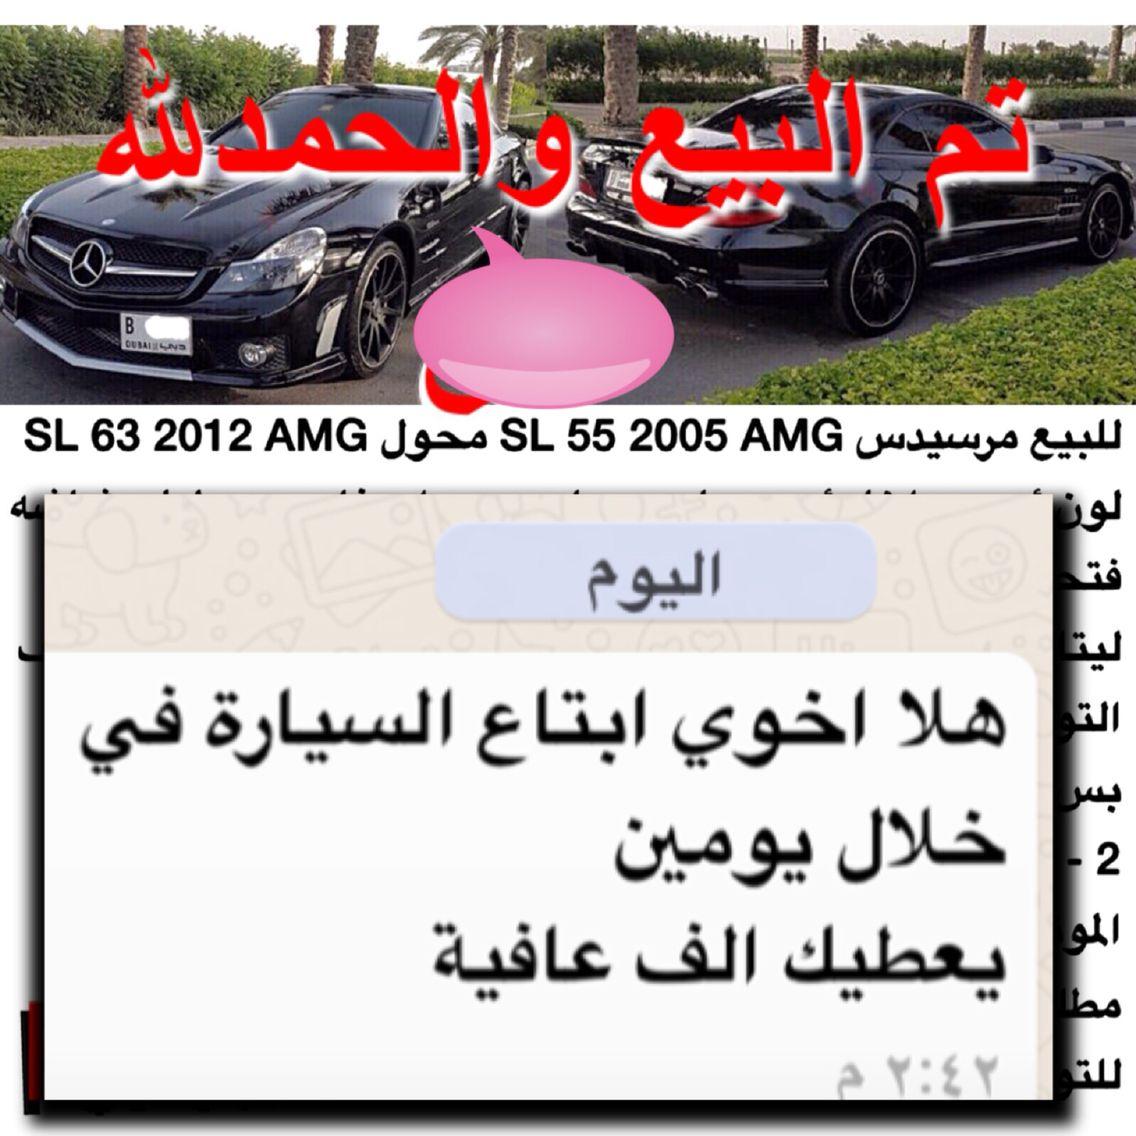 تم البيع والحمدلله انستقرام Uae4cars2u لمشاهدة اعلانات اخرى ادخل حسابنا Uae4cars2u Instagram Com Uae4cars2u الامارات السعودية قطر عما Amg Vehicles Car